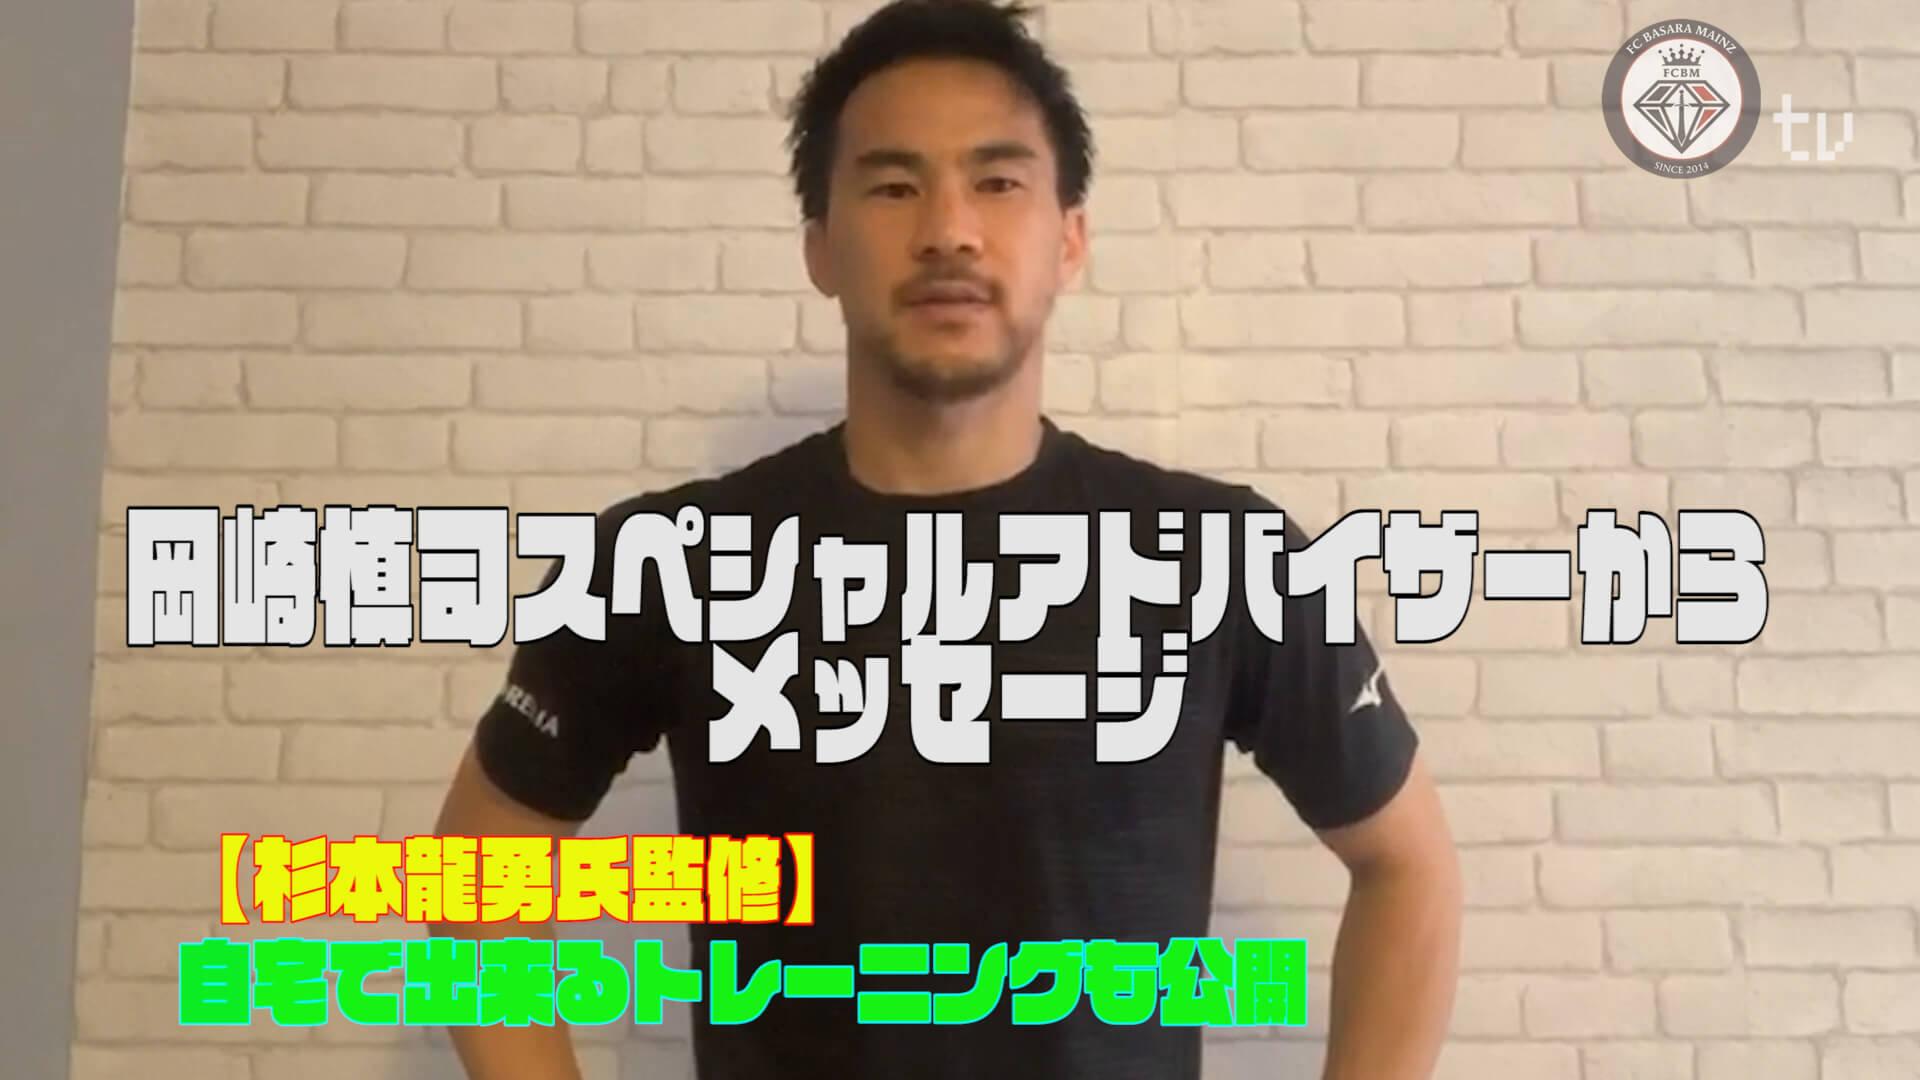 【岡崎慎司スーパーアドバイザーによるメッセージ・トレーニング紹介動画の公開のお知らせ】